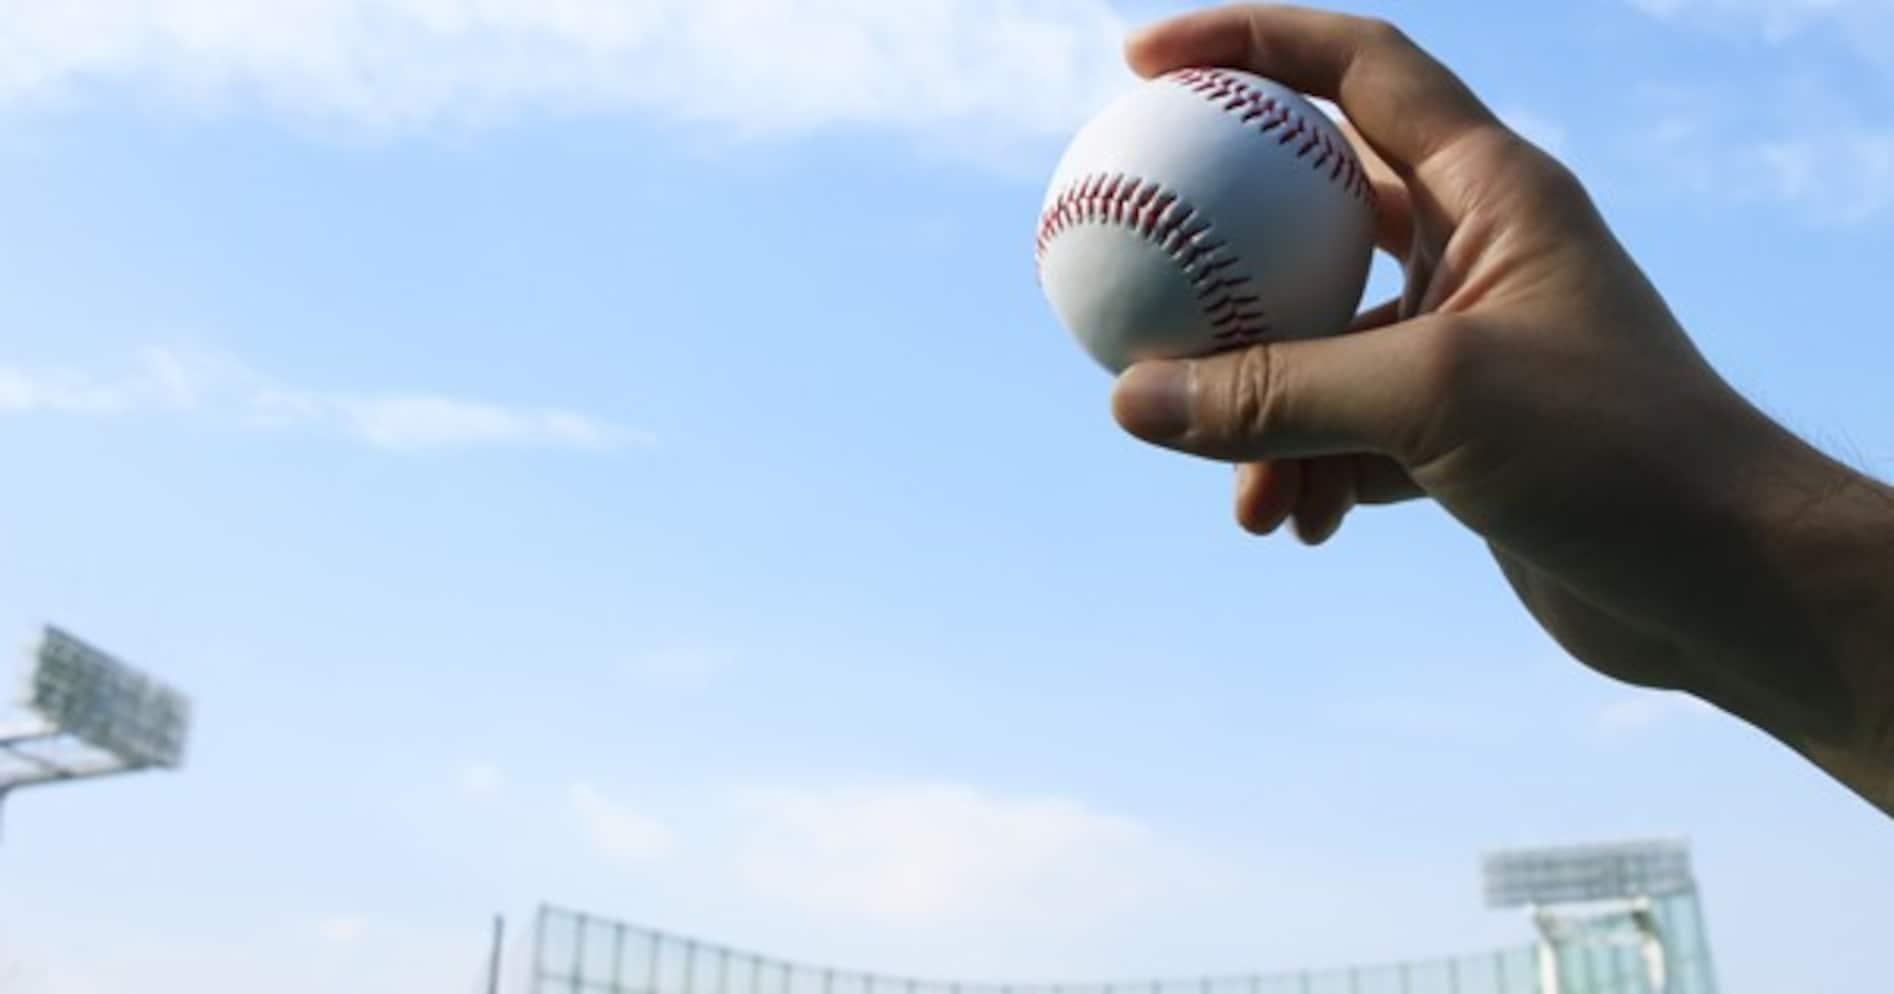 野球ファンを唸らせる! 「ガチ始球式」が急増中のワケ